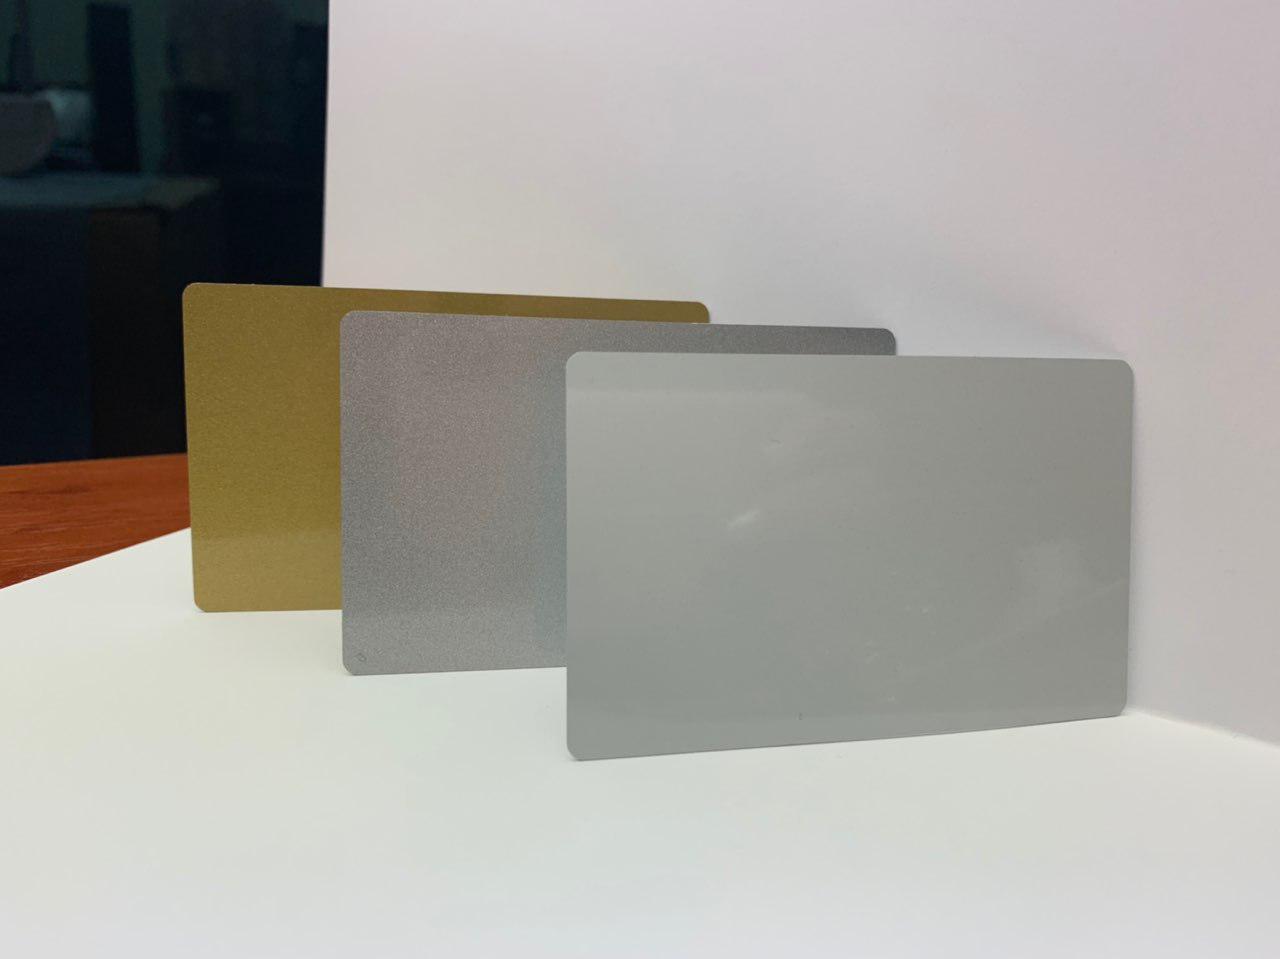 Бейдж для сублімації 0,45 мм, металевий , матове ЗОЛОТО